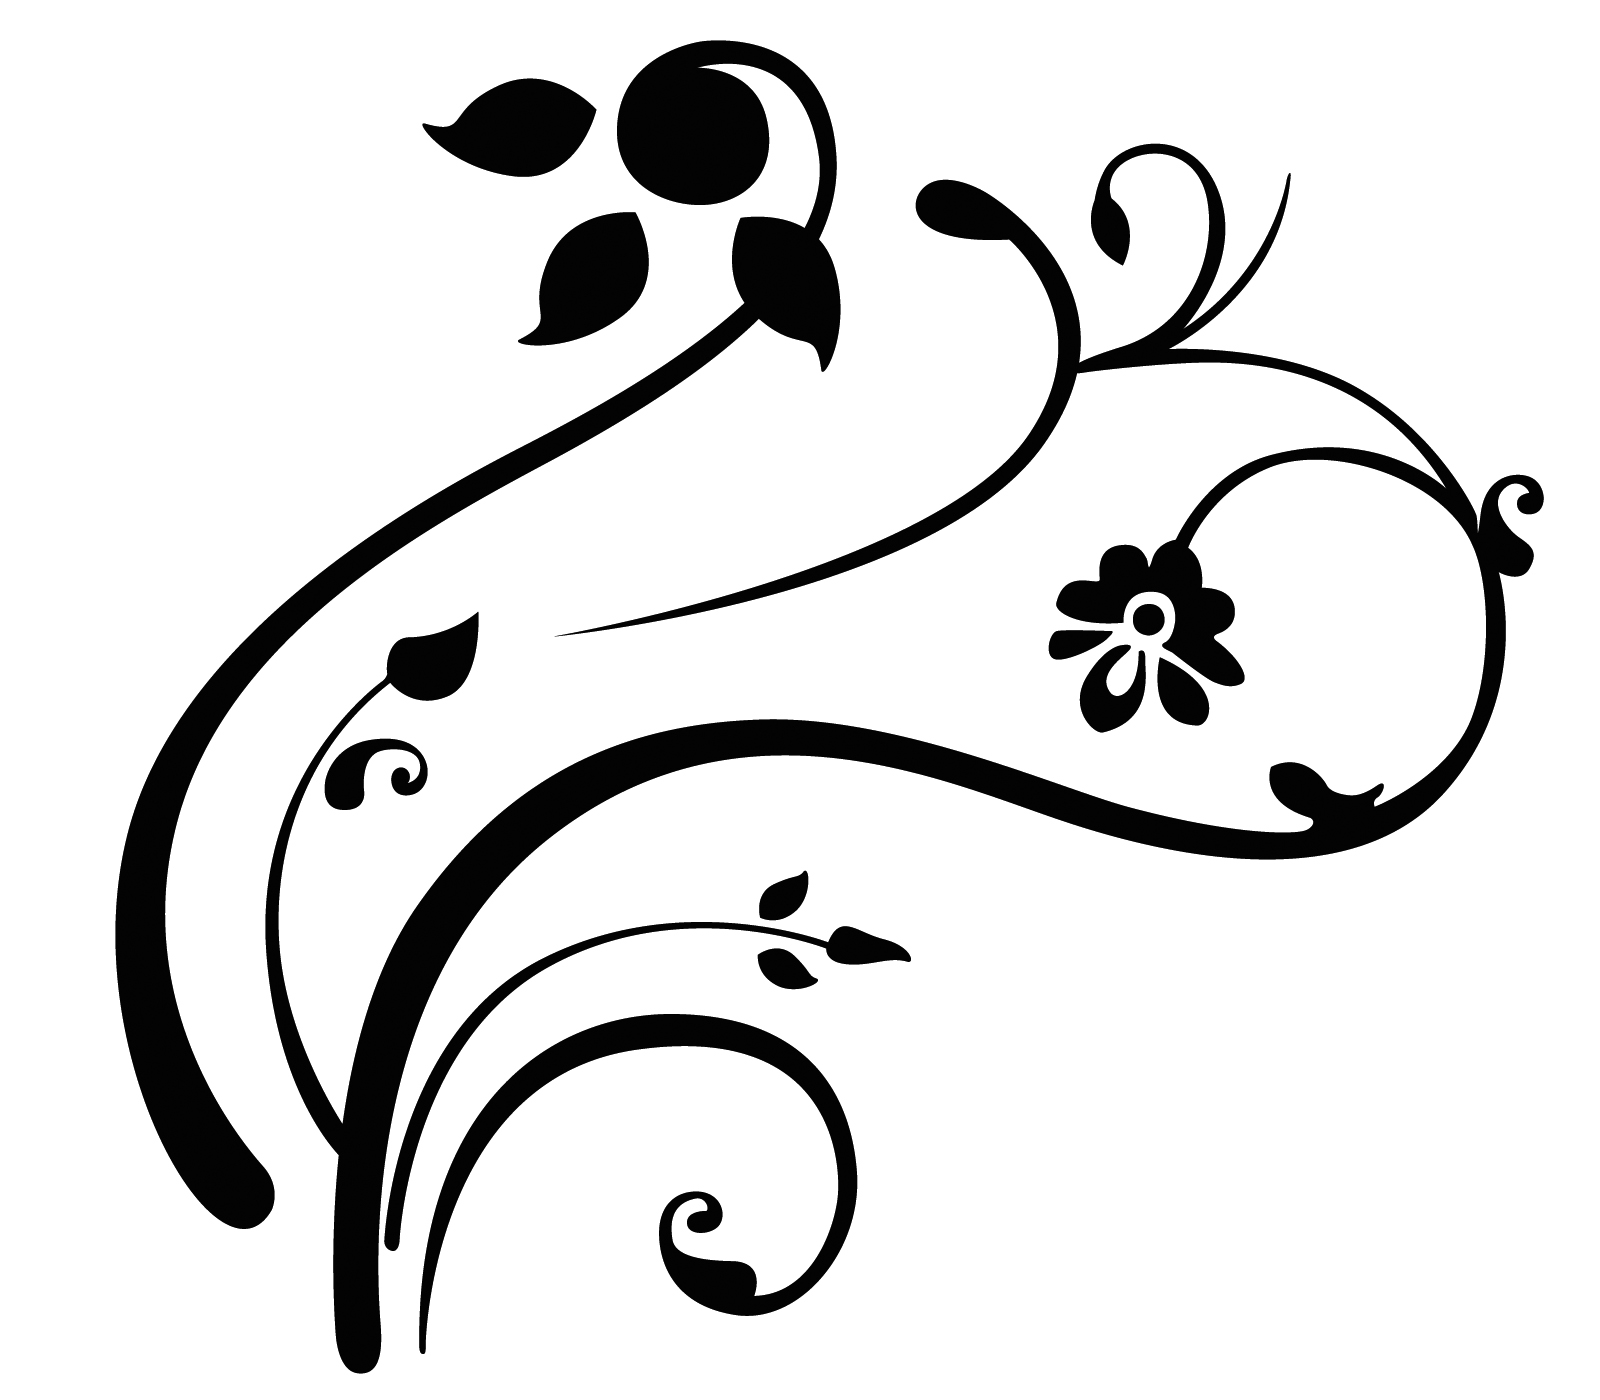 Swirl Art Designs : Swirl designs clip art free cliparts